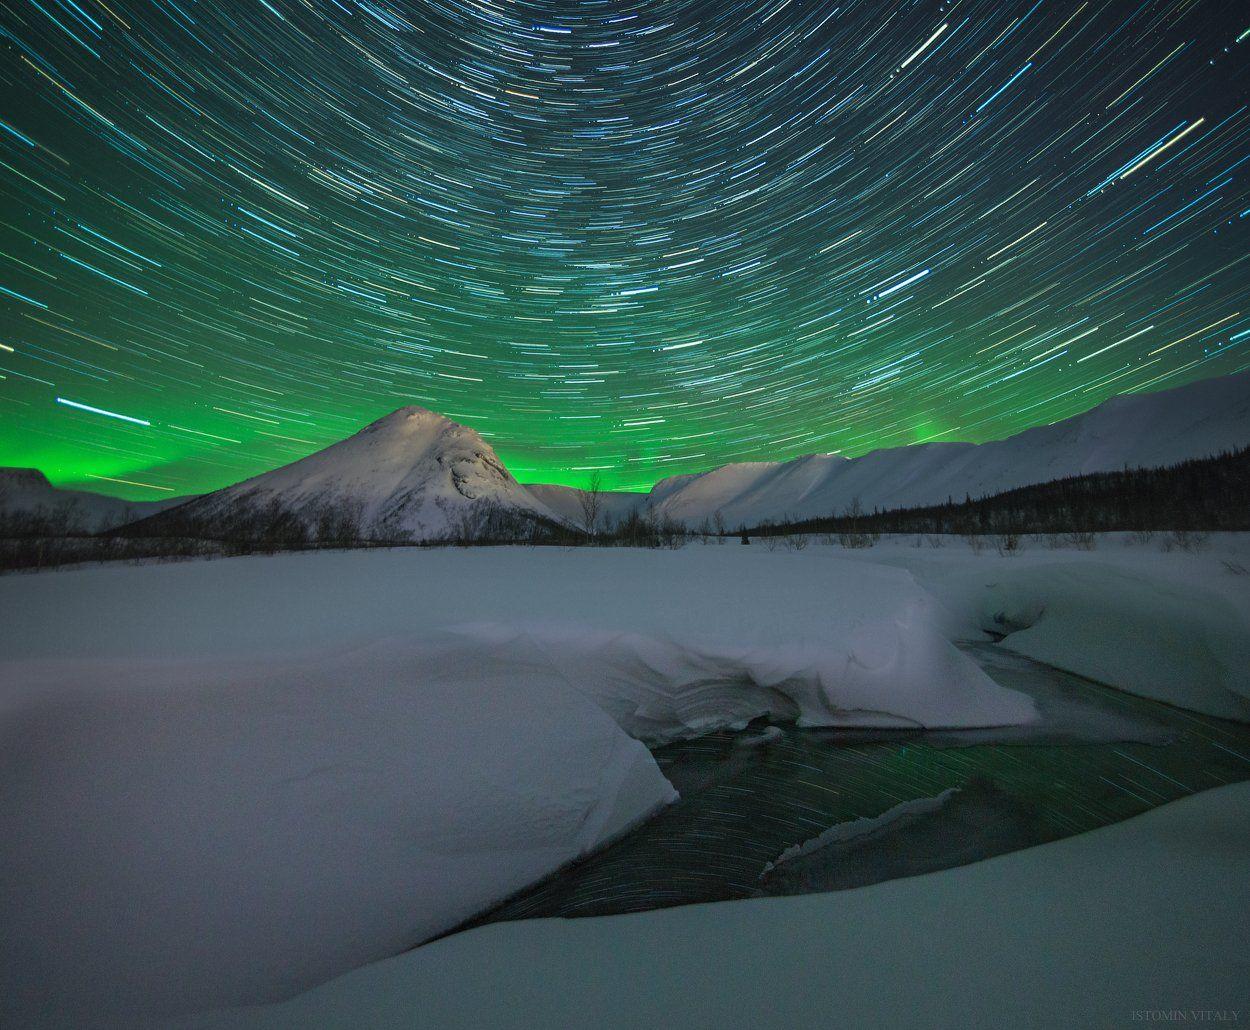 пейзаж,звезды,россия,вода,весна,снег,перспектива, Истомин Виталий